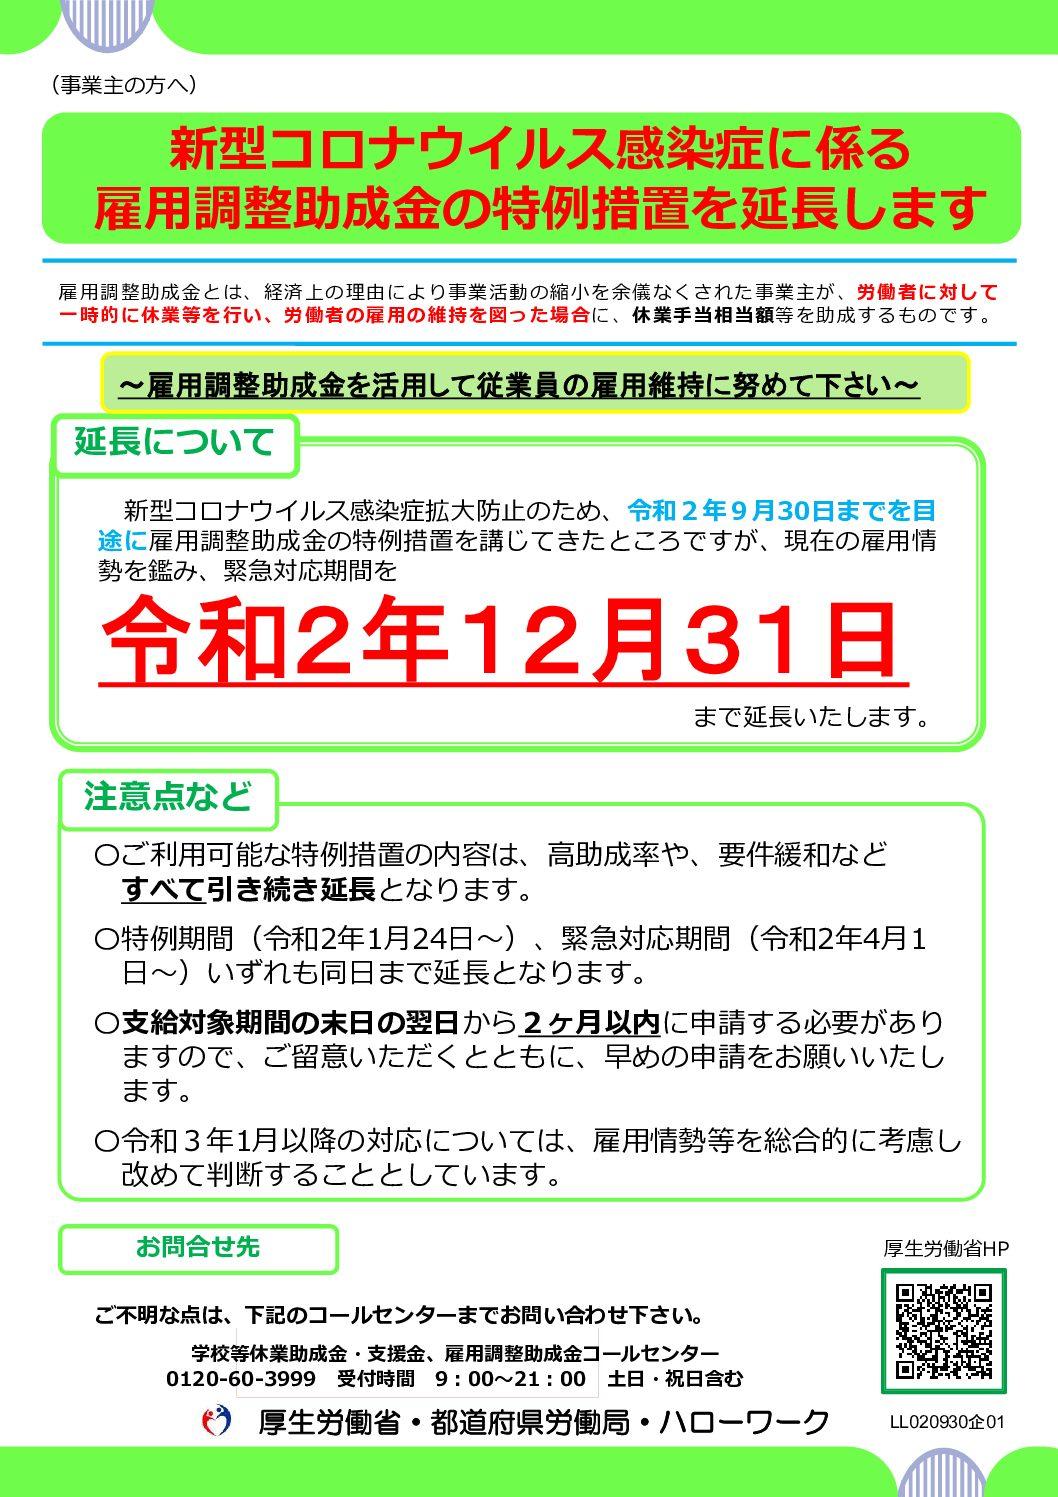 【12月31日まで】雇用調整助成金の特例措置等の延長が正式決定